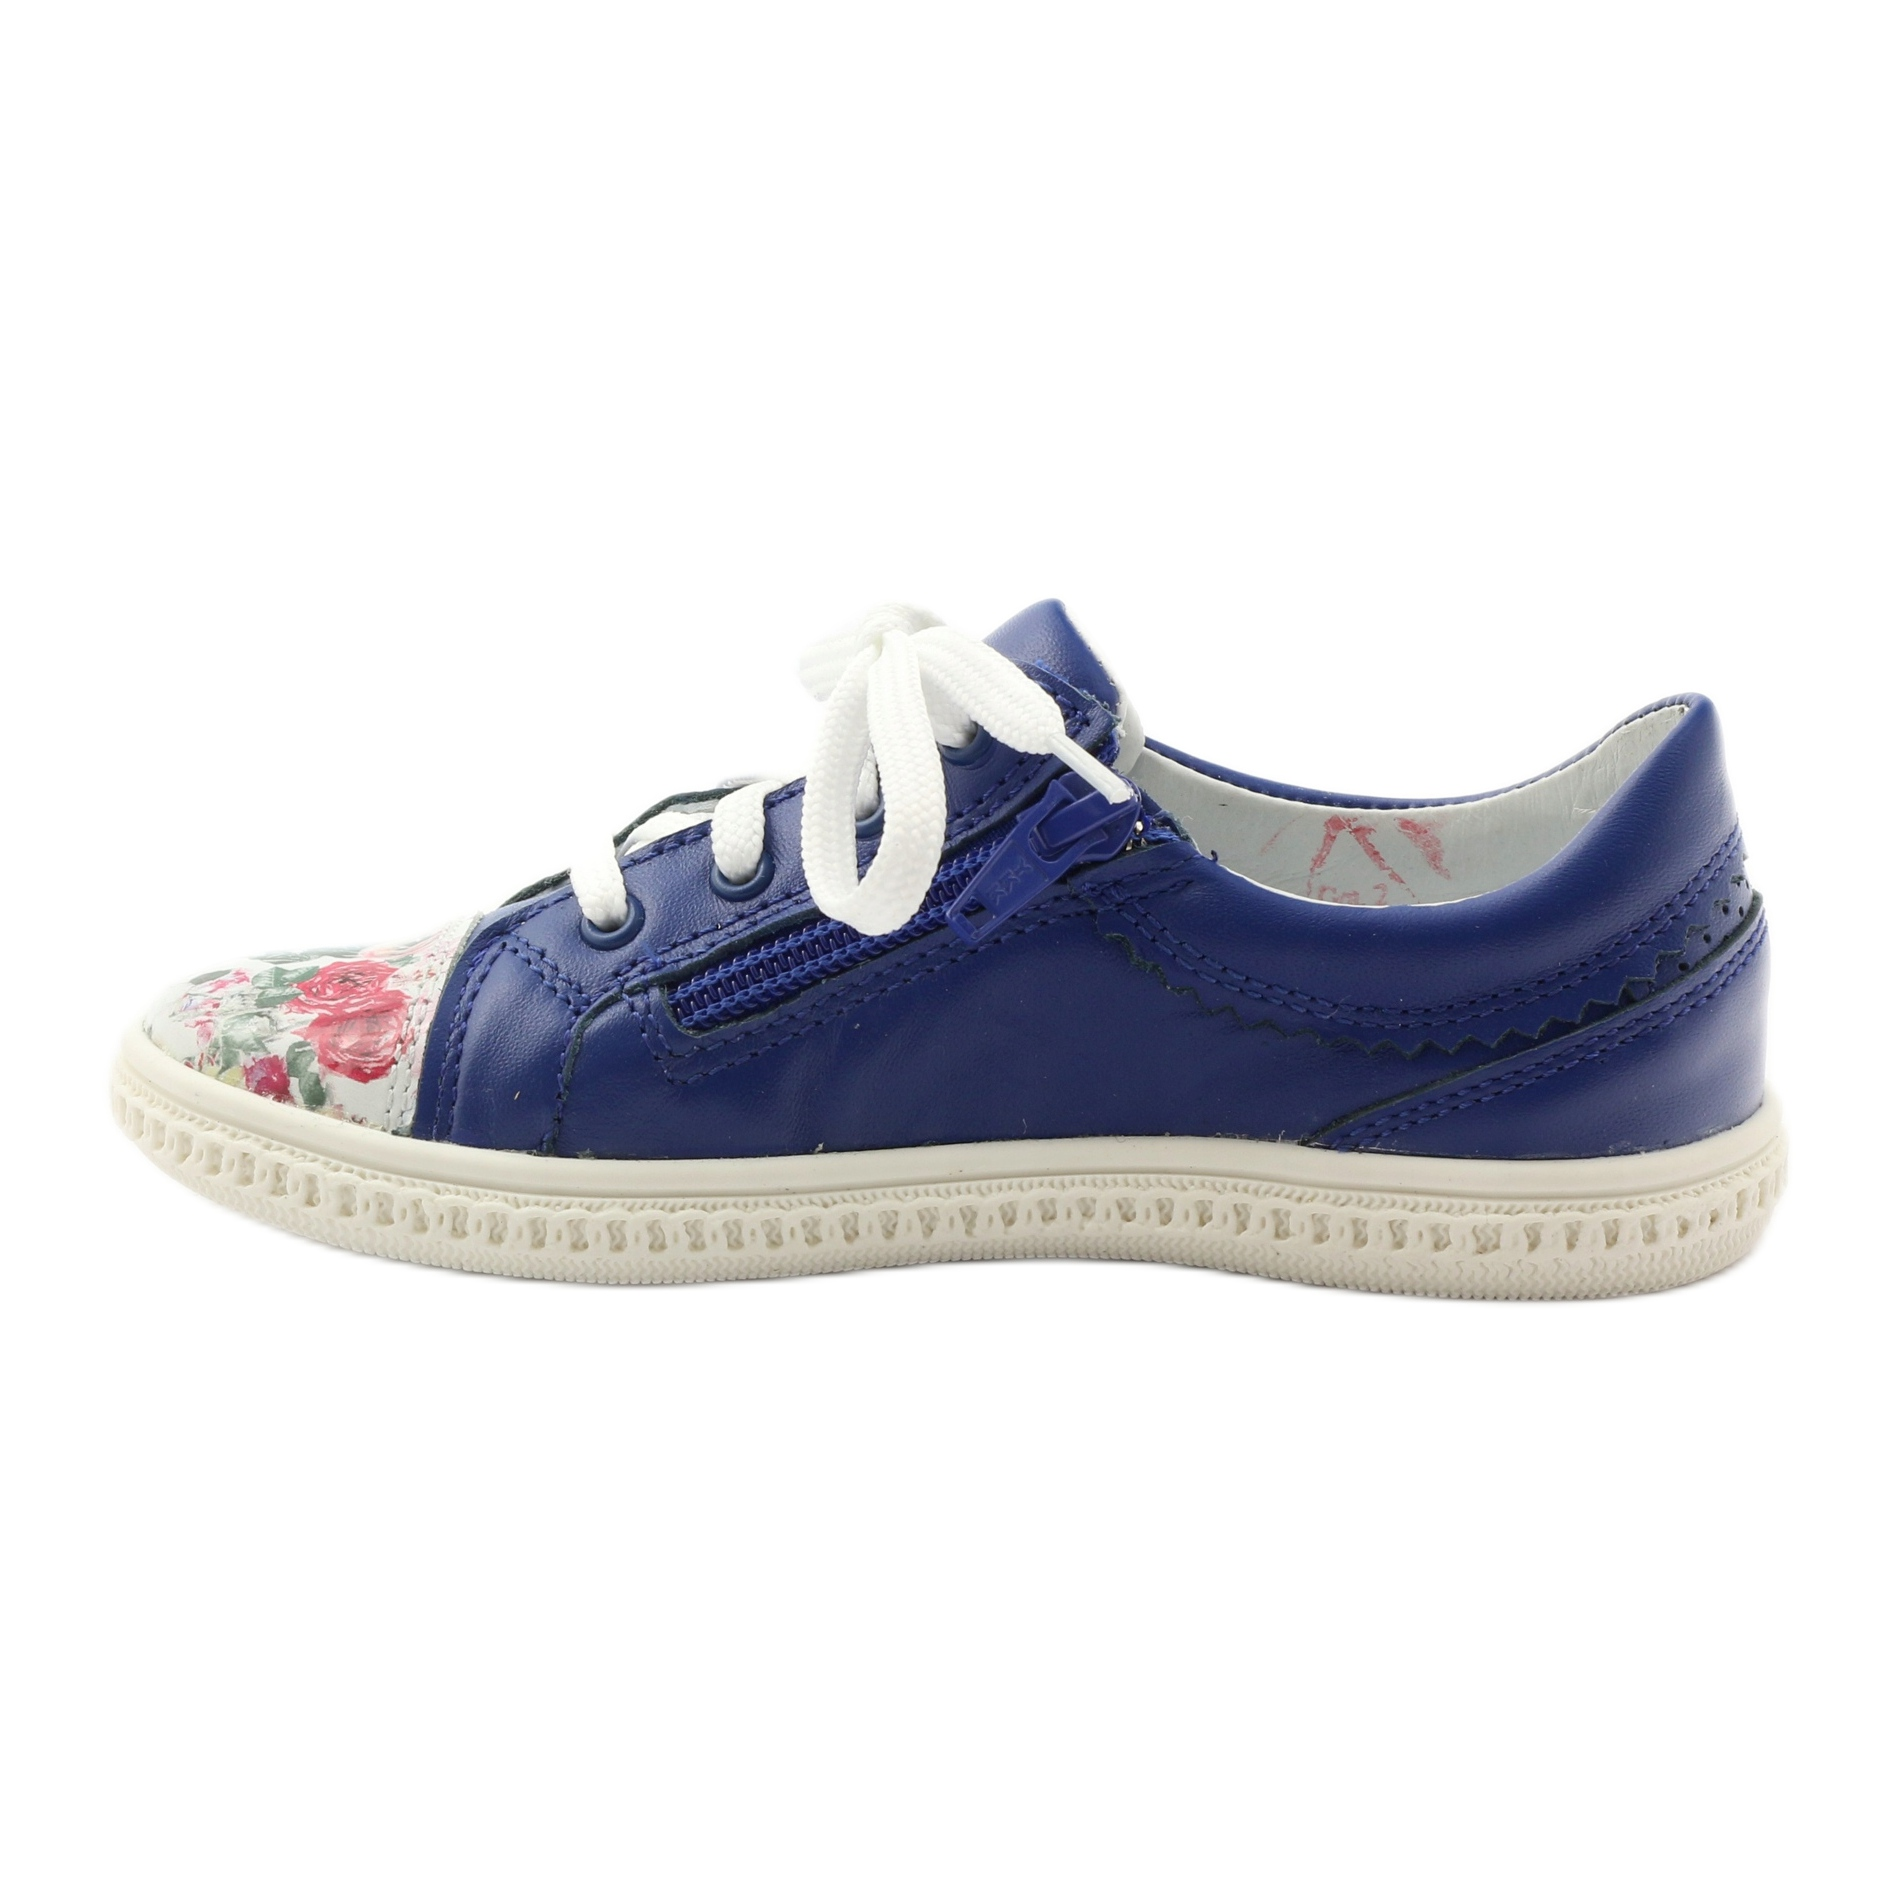 miniatura 3 - Scarpe-basse-per-bambina-fiori-Bartek-15524-blu-multicolore